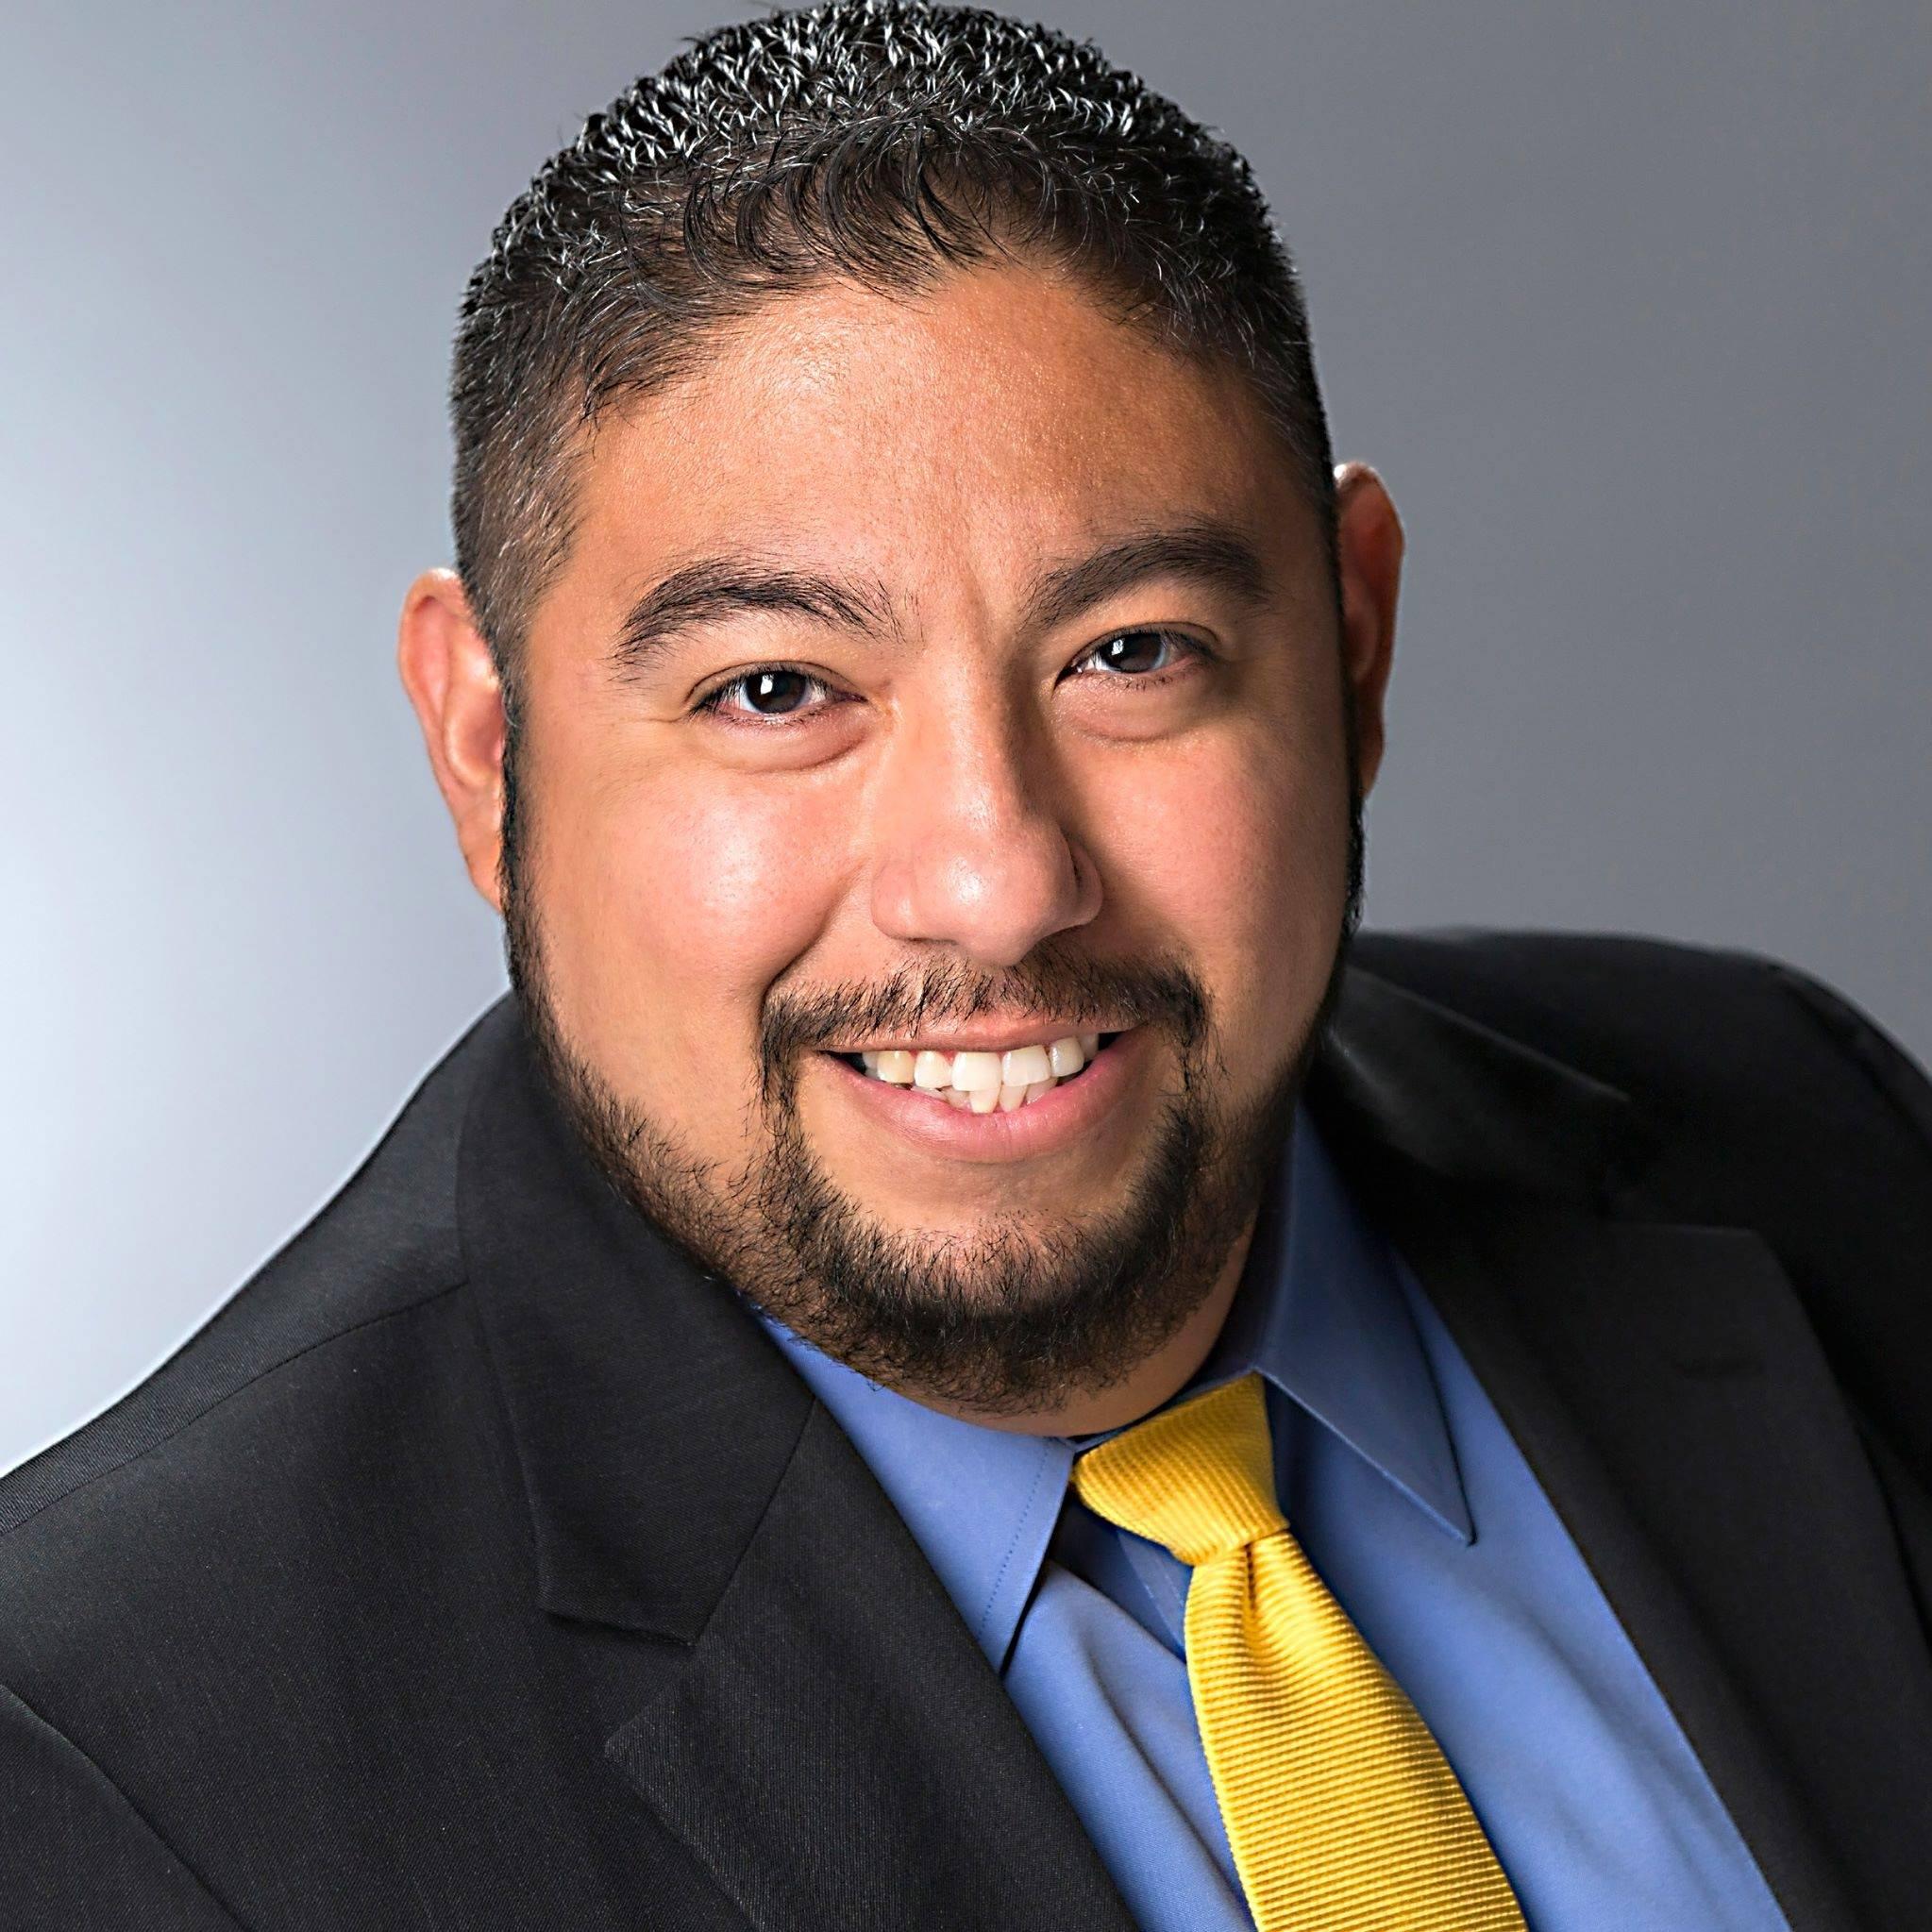 Robert Ruiz headshot 4